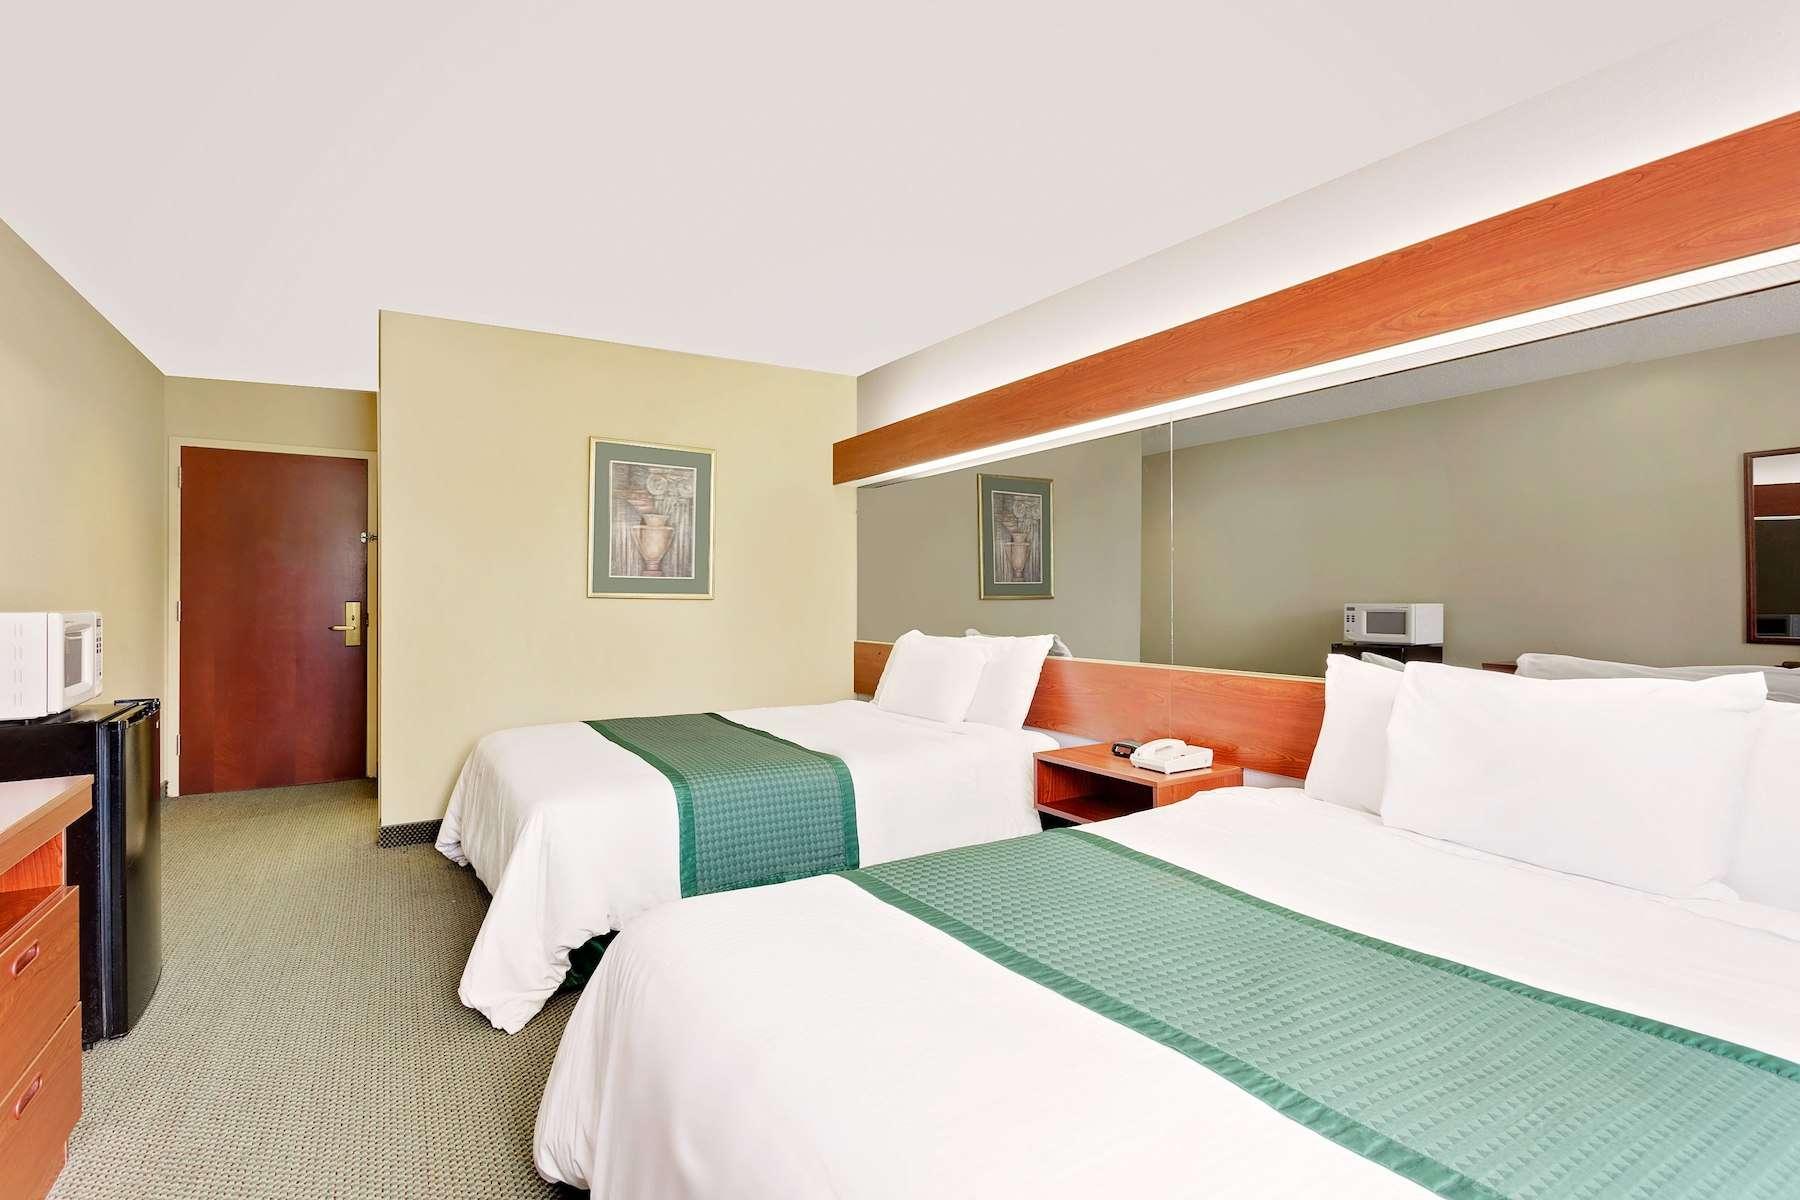 29214_guest_room_10.jpg